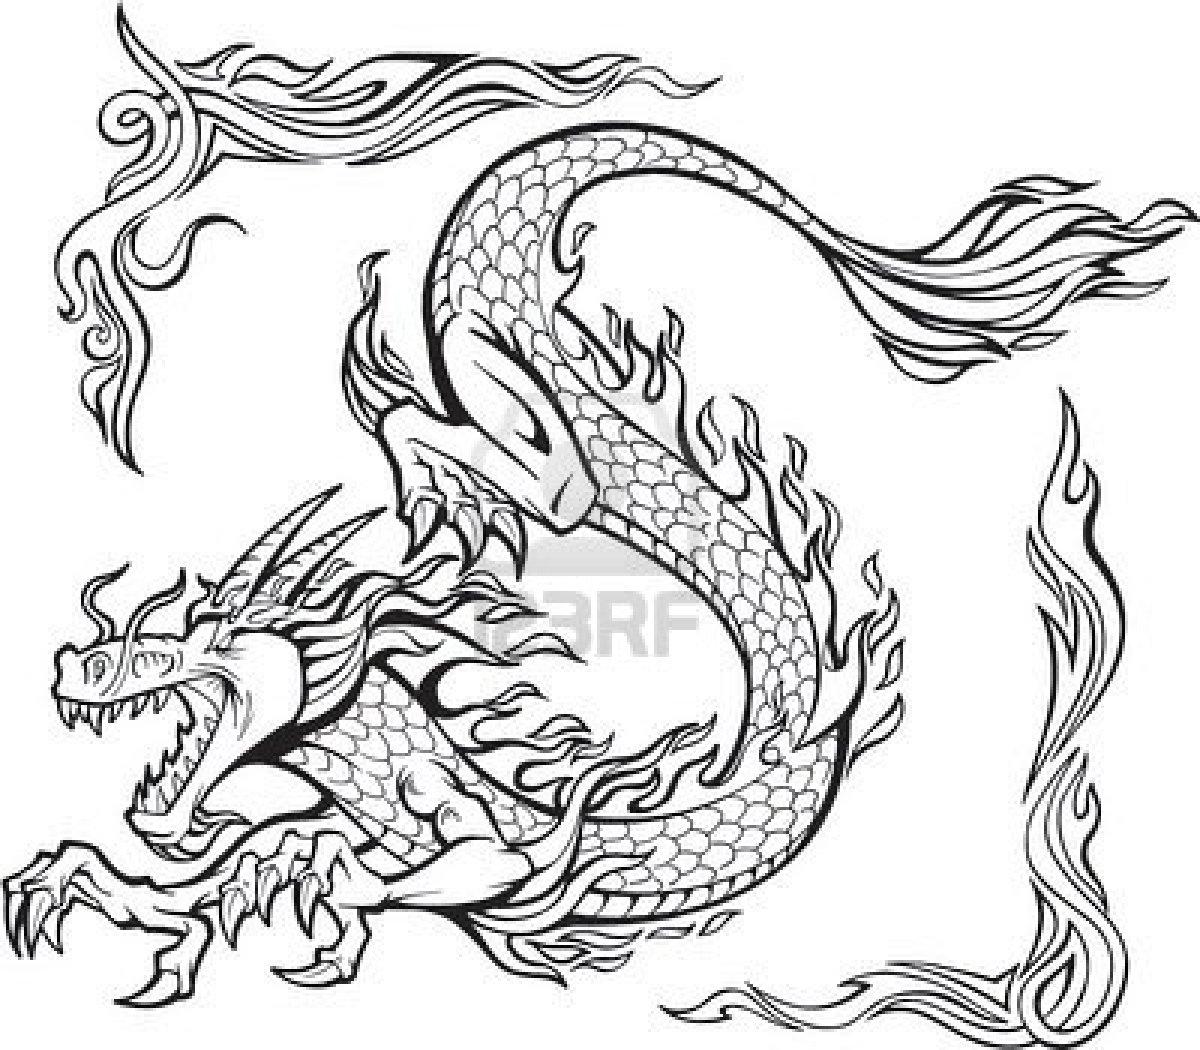 Lujo Dragones De Dreamworks Para Colorear Fotos - Dibujos Para ...